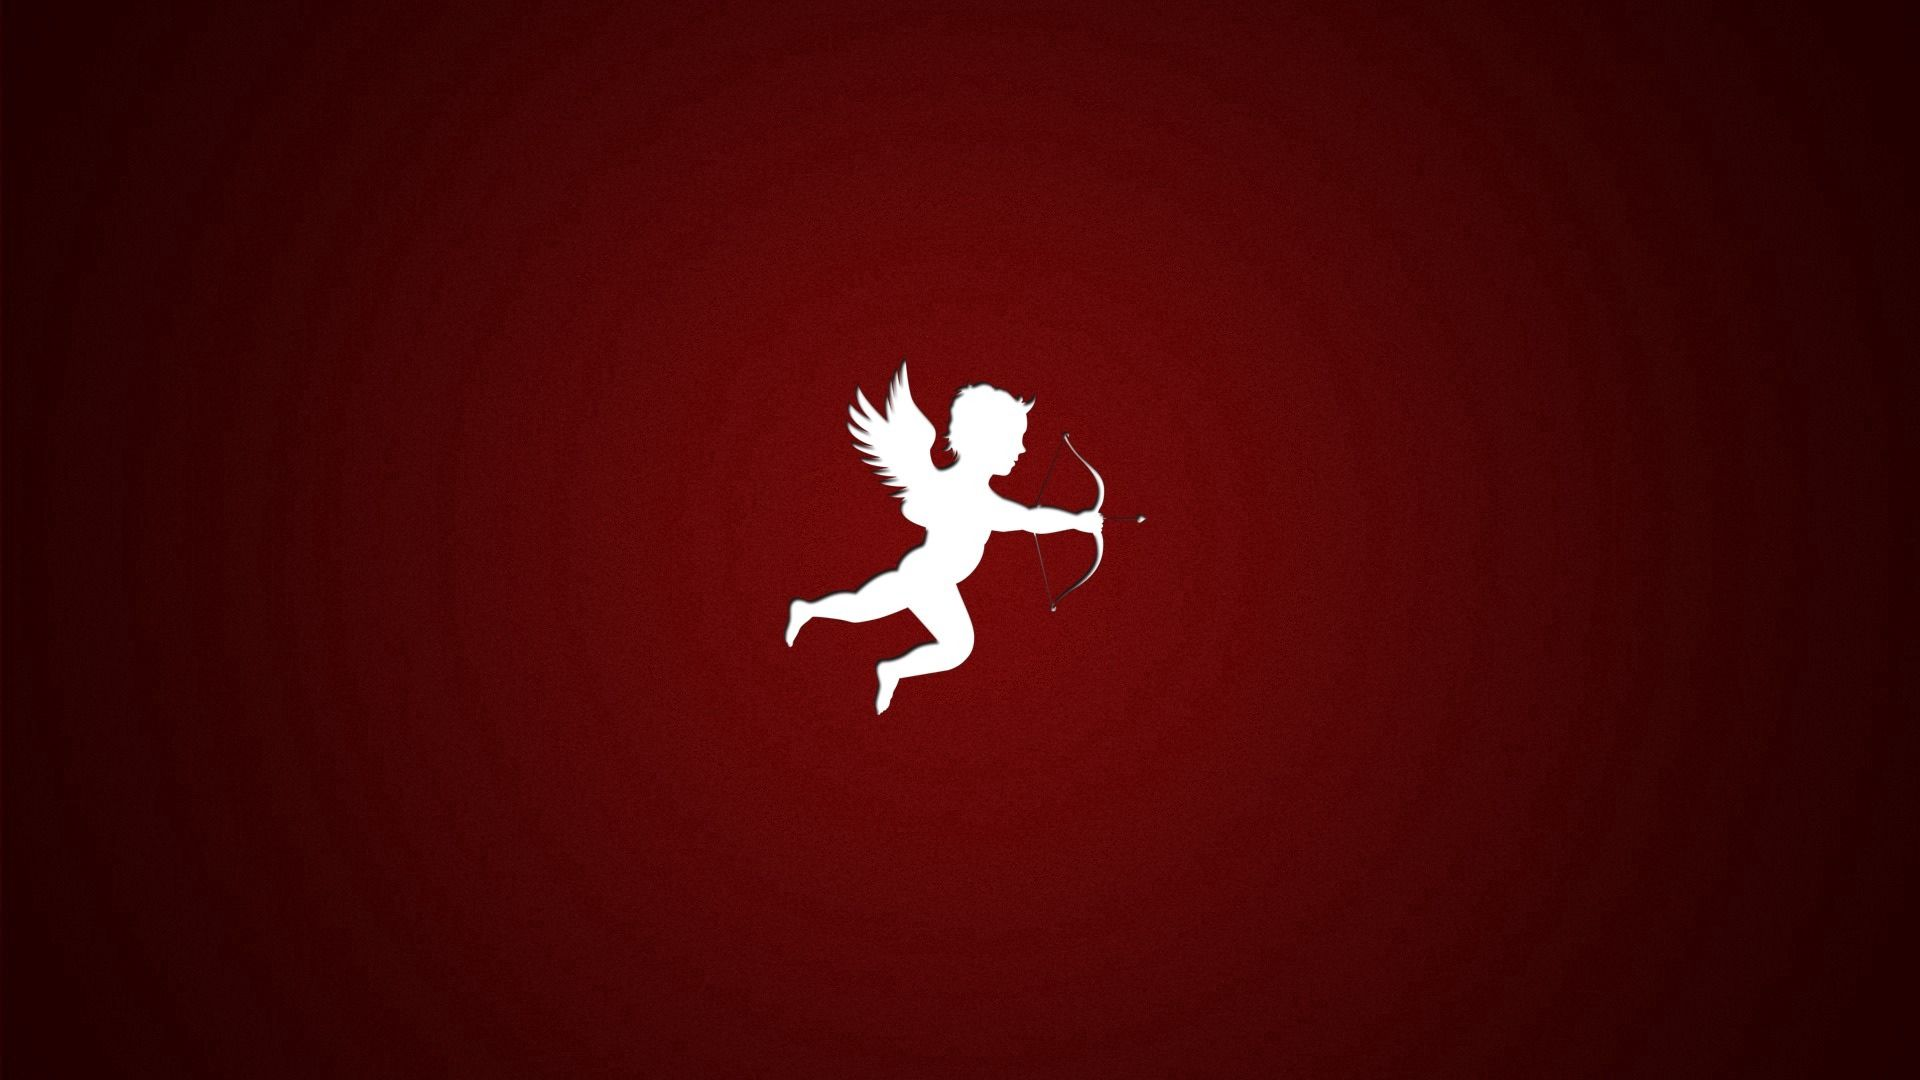 131852 Hintergrundbild herunterladen Engel, Liebe, Minimalismus, Bild, Zeichnung - Bildschirmschoner und Bilder kostenlos